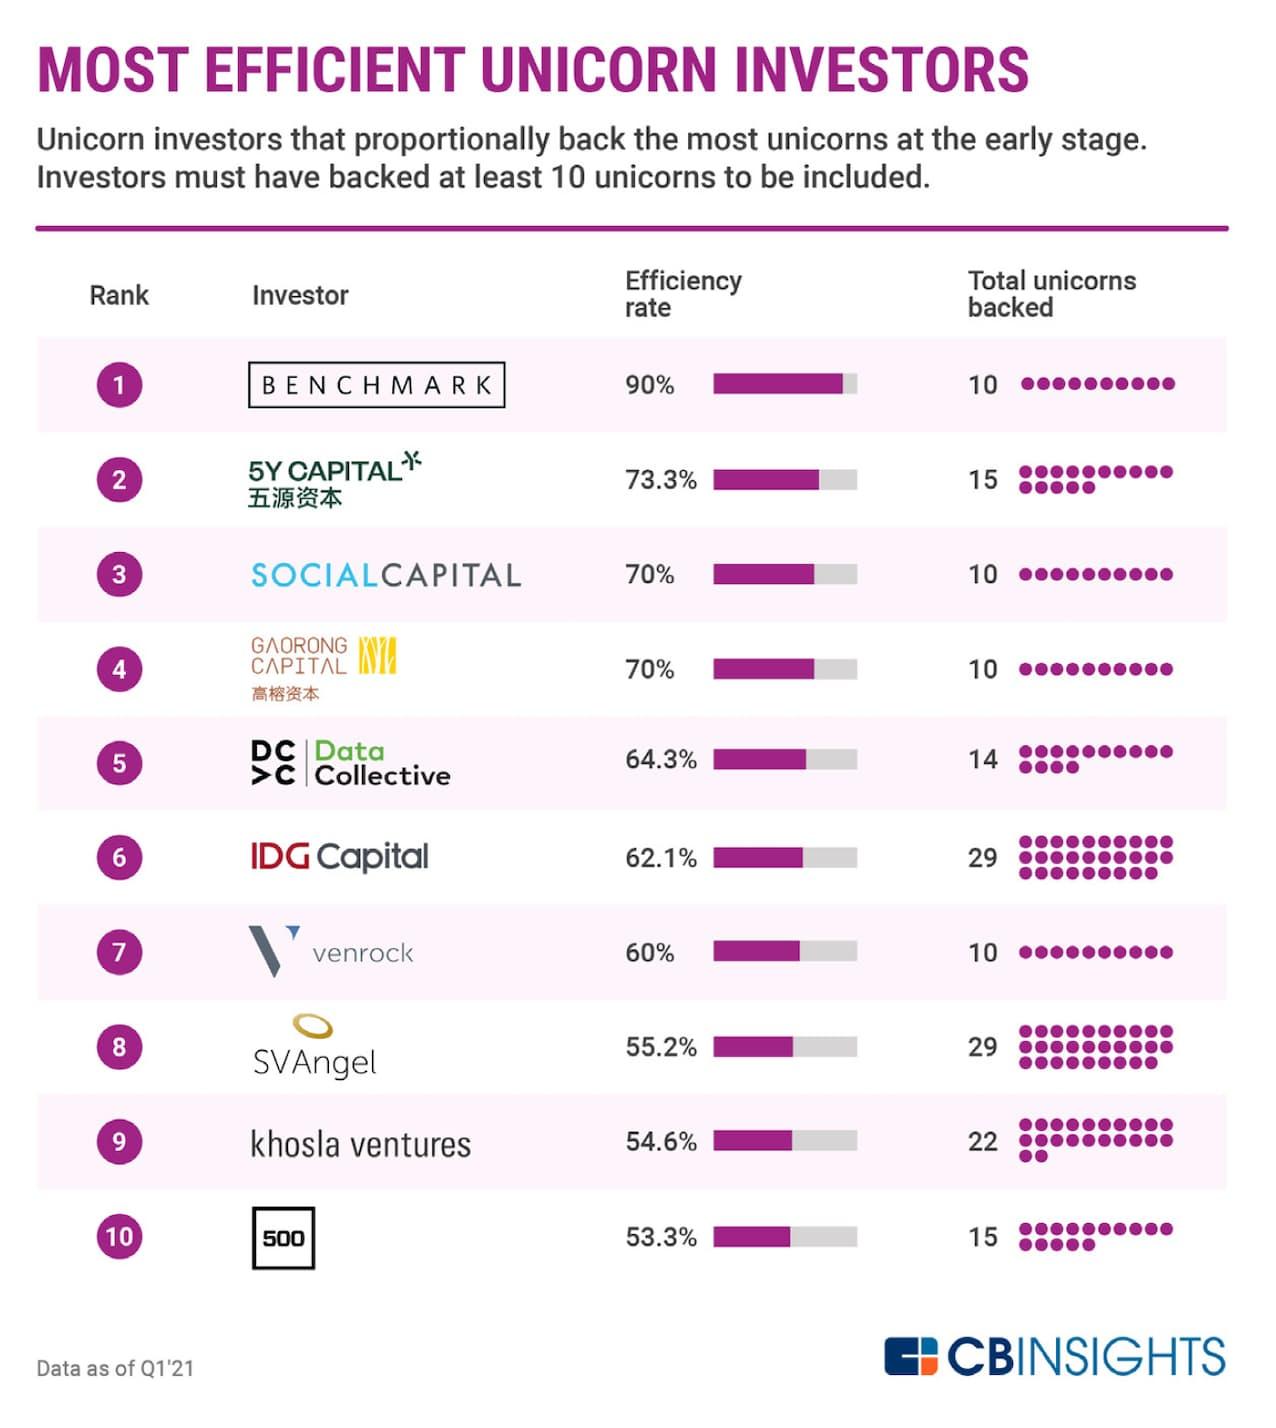 投資効率が最も高いユニコーン投資家